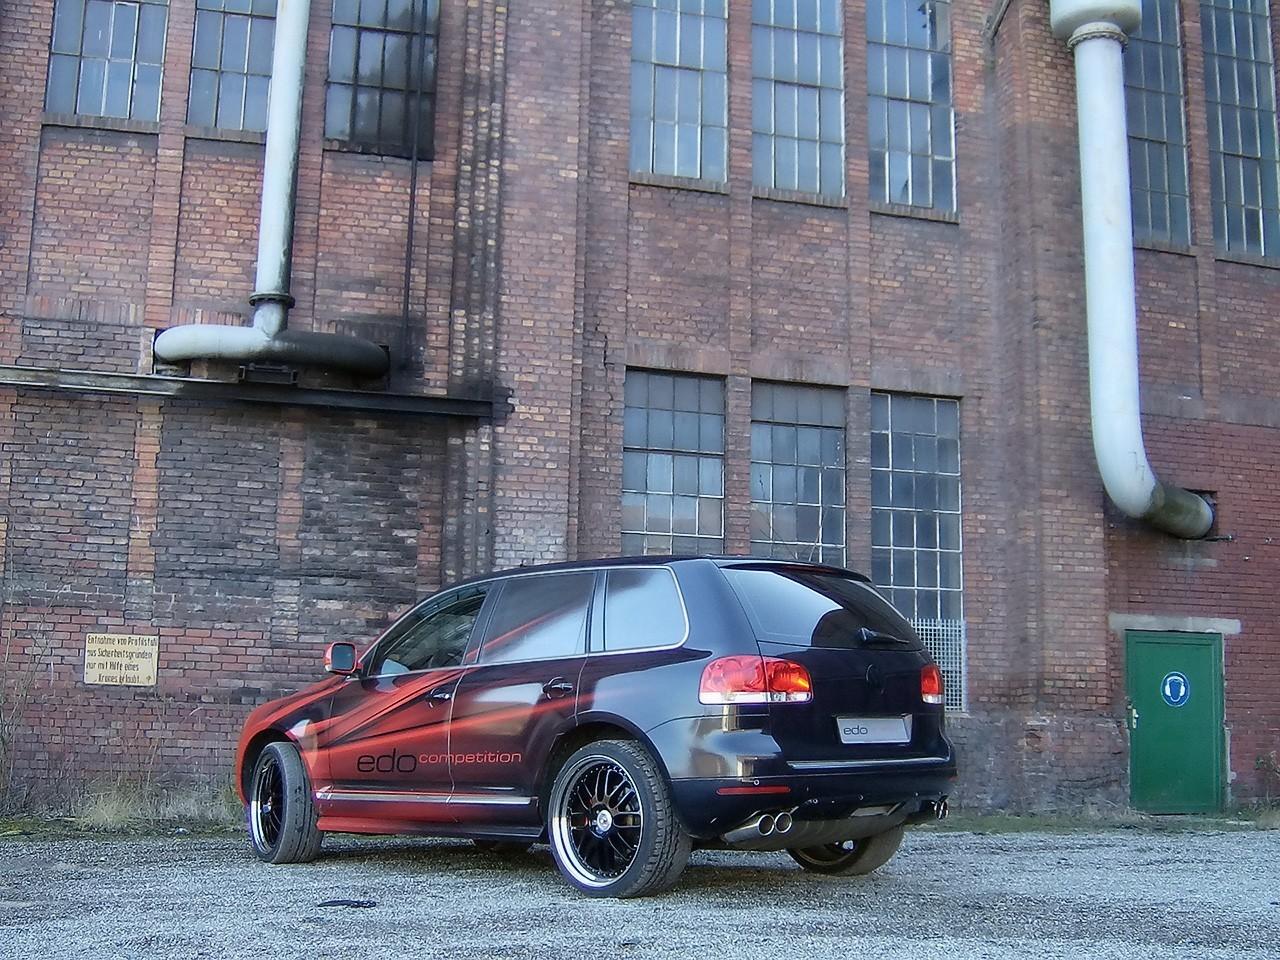 2007 Edo Competition Volkswagen Touareg